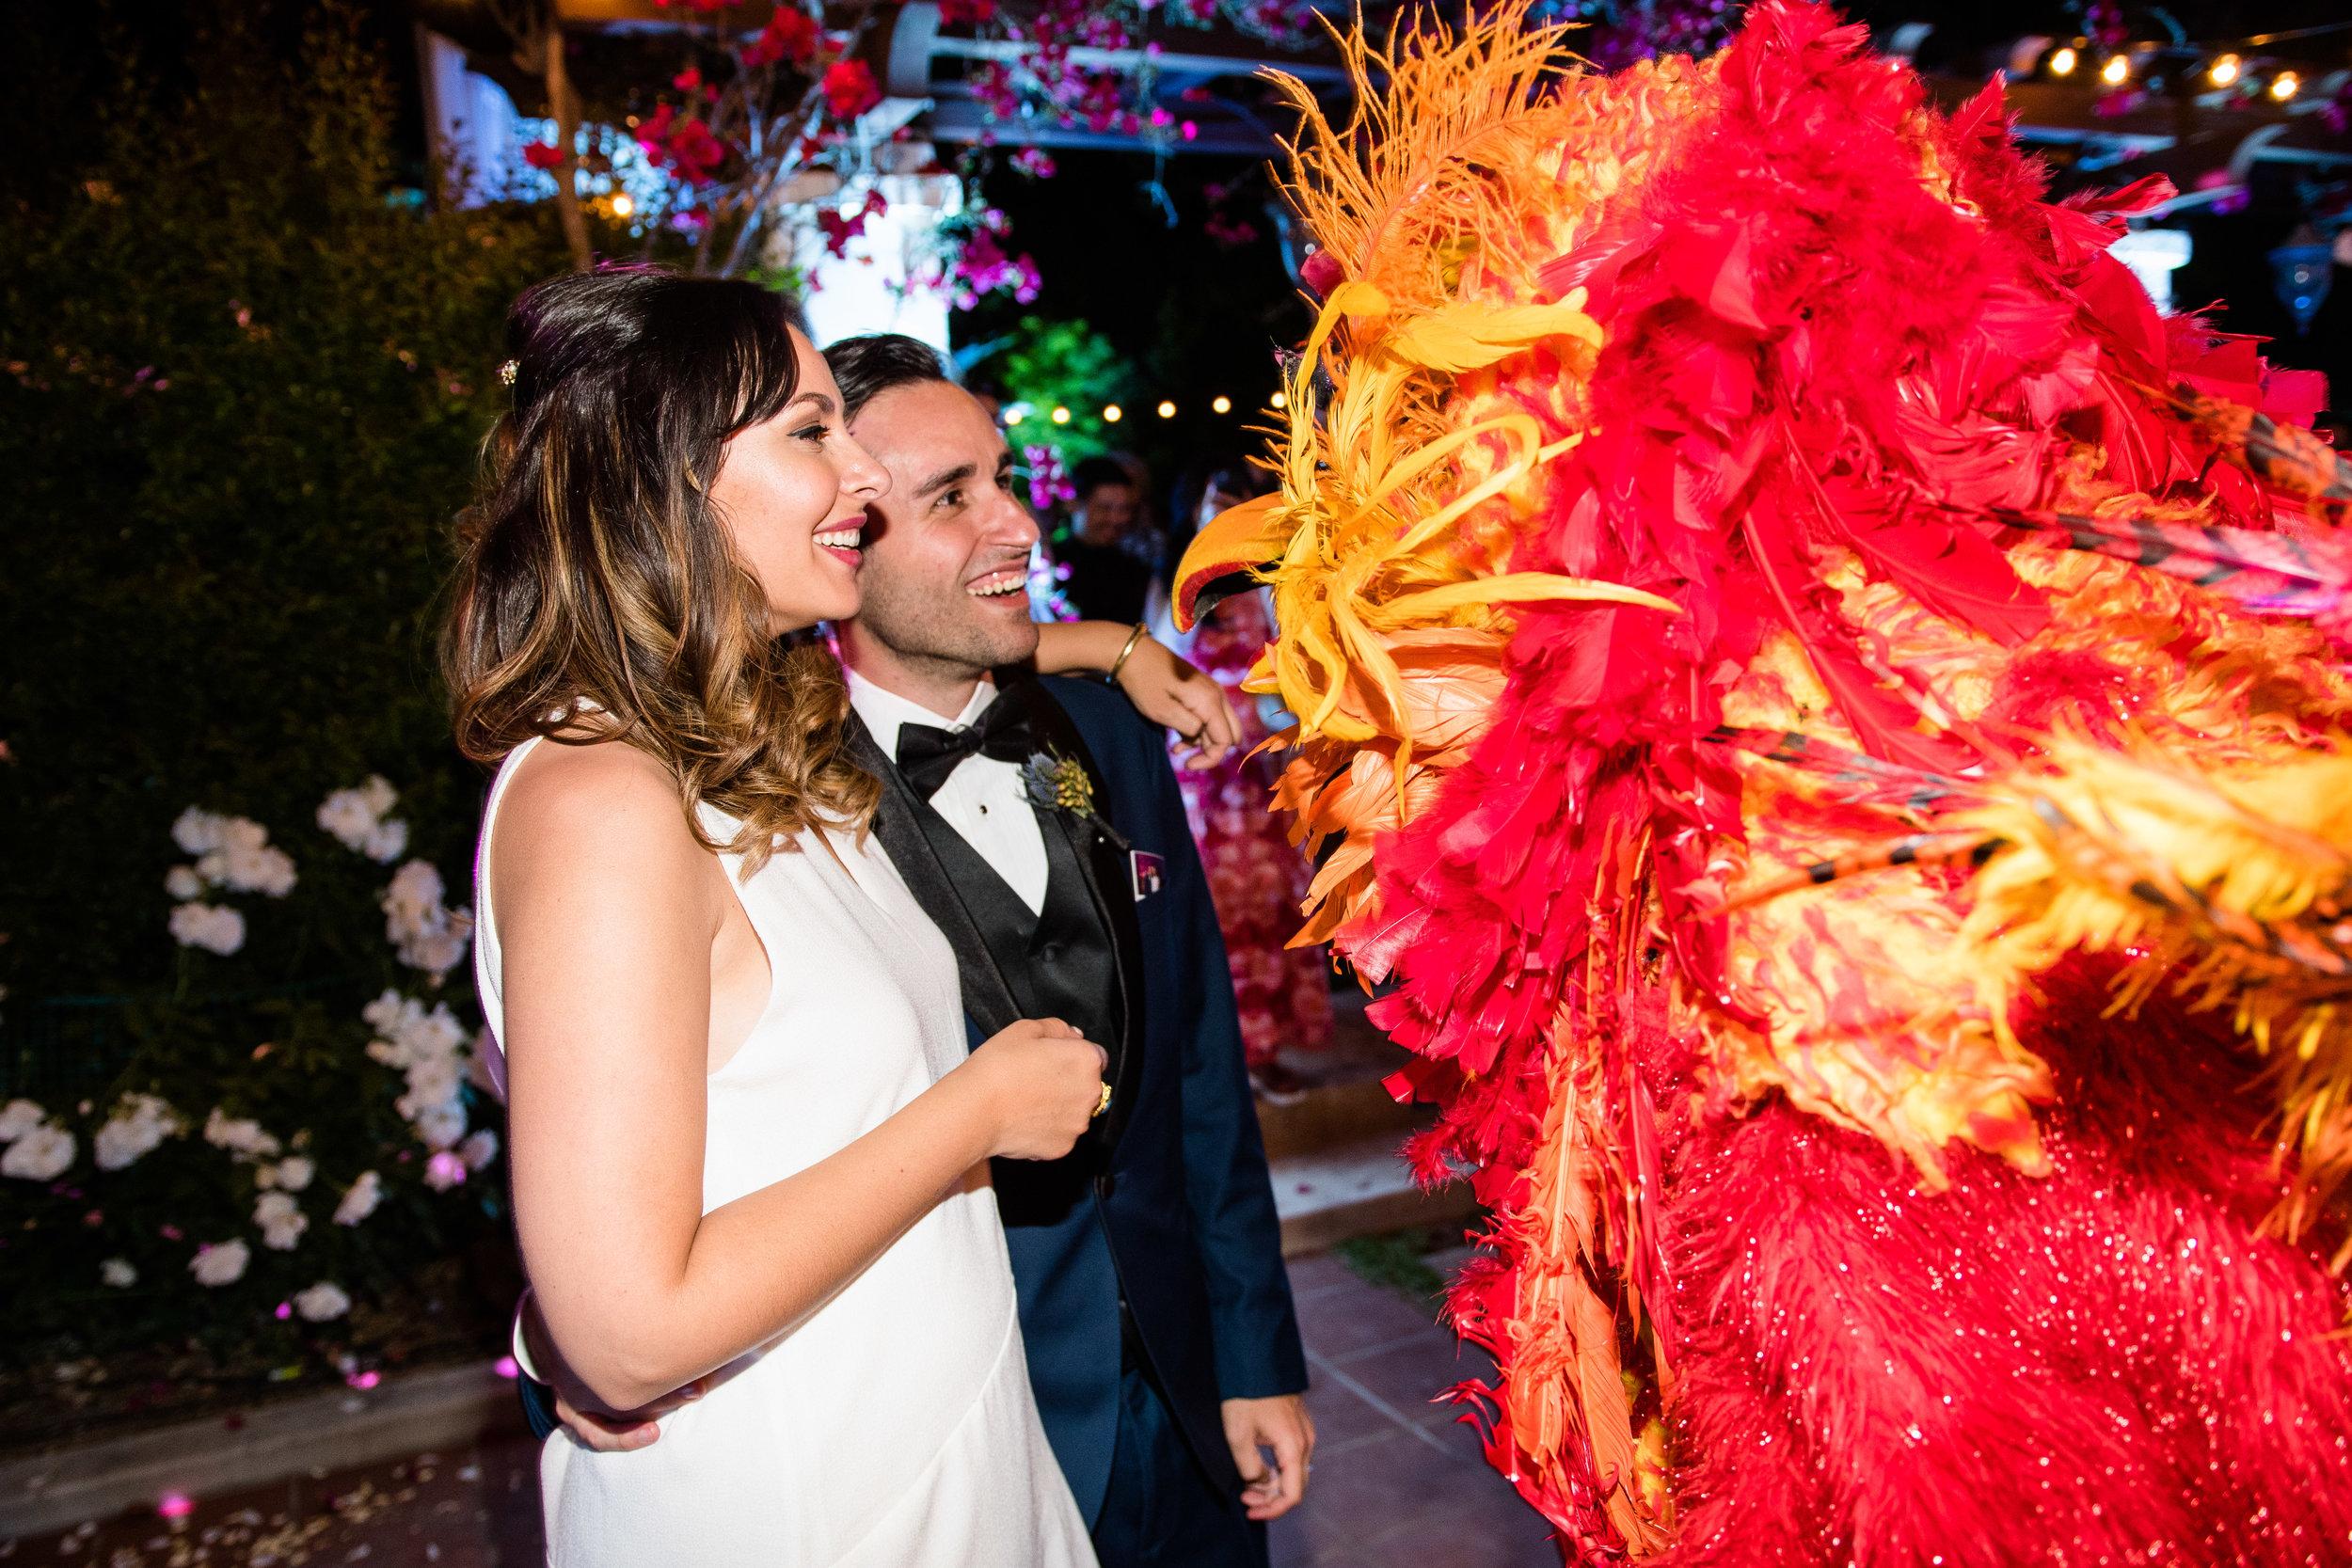 Vibrant Fiesta Backyard Wedding Reception miss fuego saying hi to bride and groom.jpg